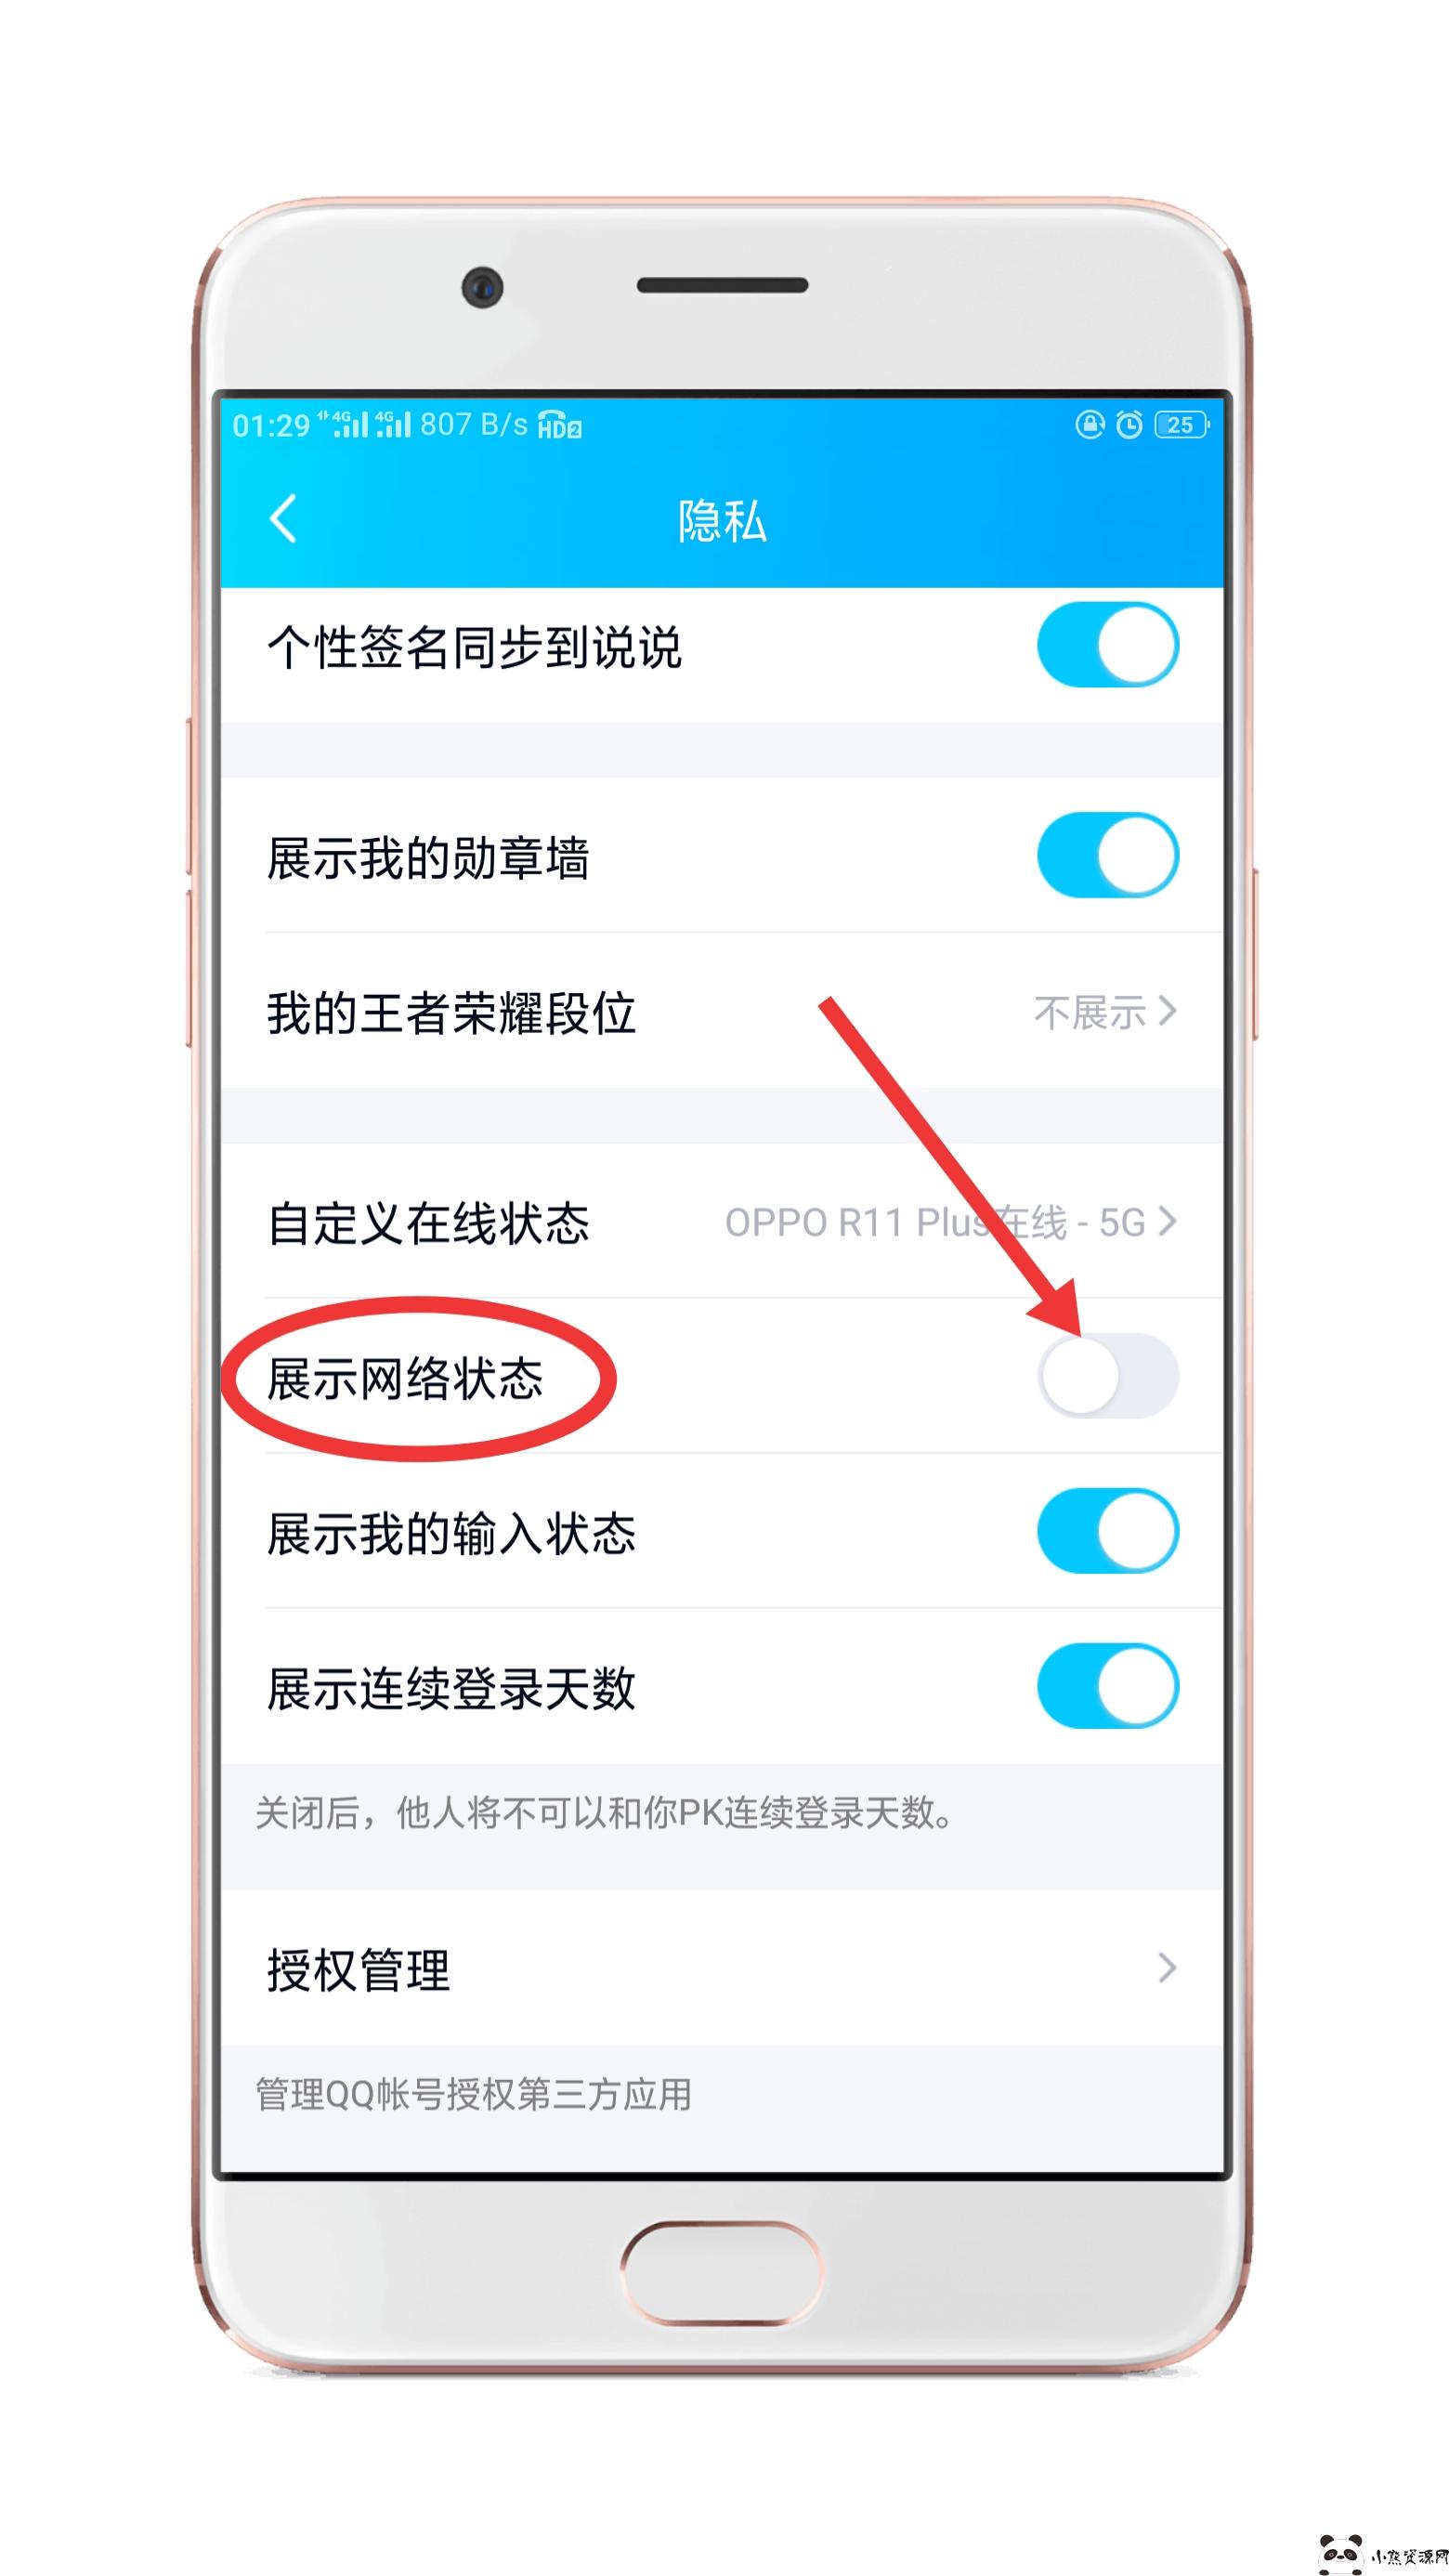 QQ真实5G在线无需软件